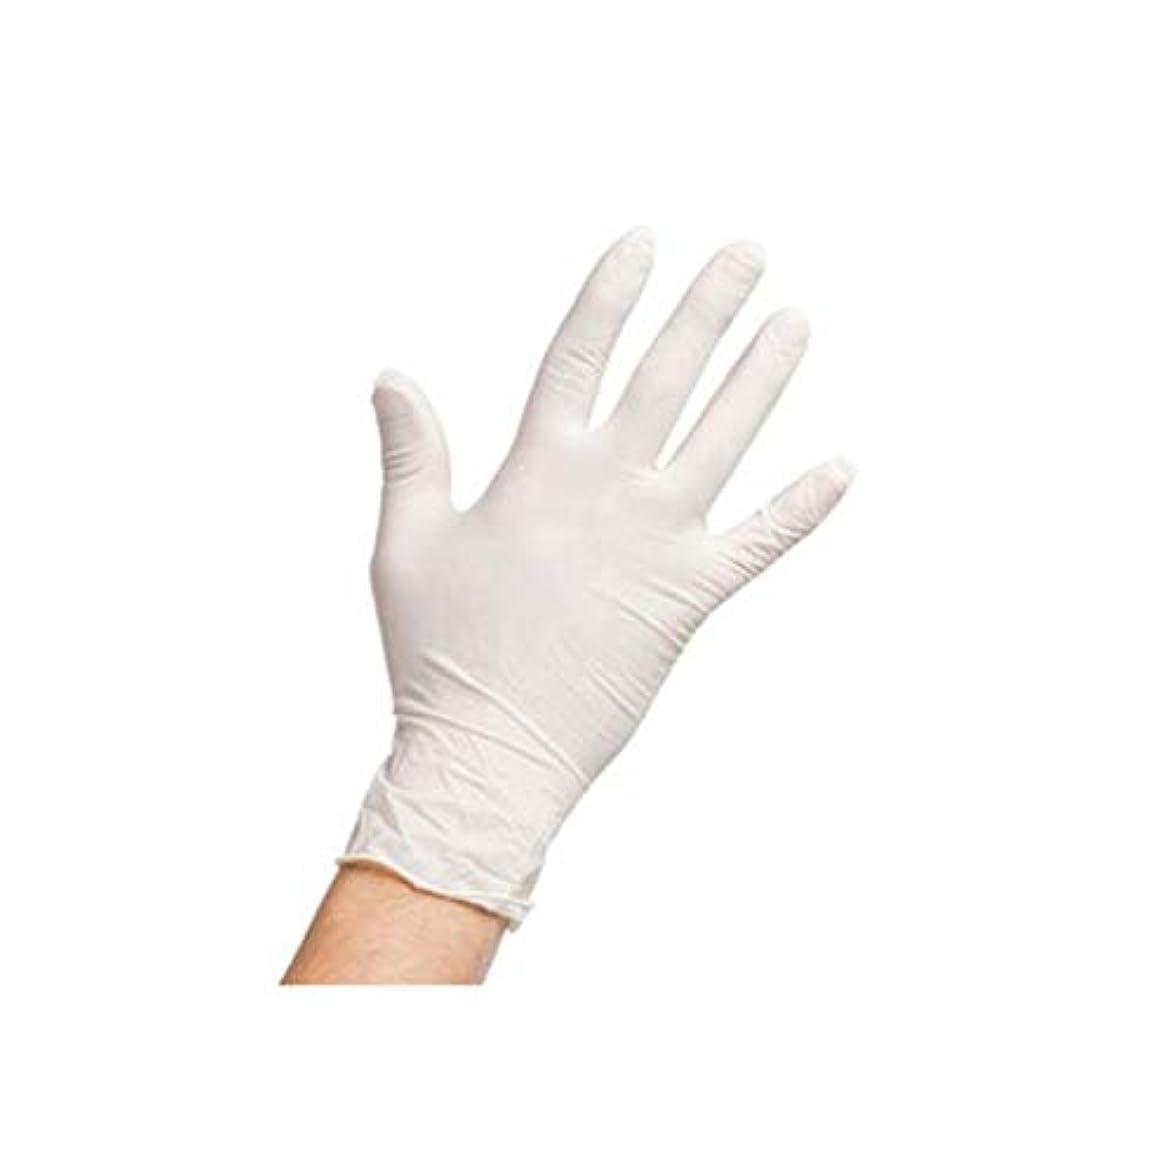 成功した夕食を食べる然とした(A1ラテックス) 最高品質のLatex手袋 ニトリル手袋 パウダーフリー 無粉末 200枚(6g Latex、4g Nitrile)【海外配送商品】【並行輸入品】 (S)